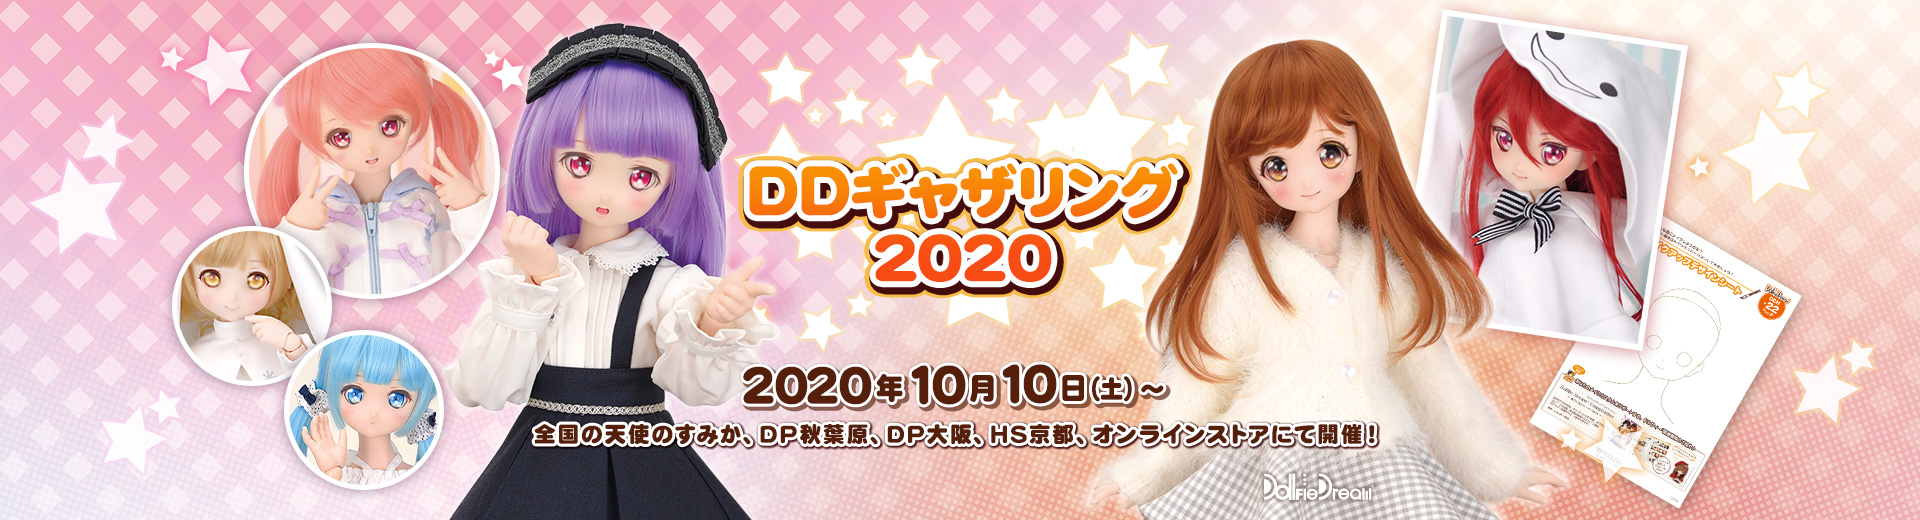 DDギャザリング2020